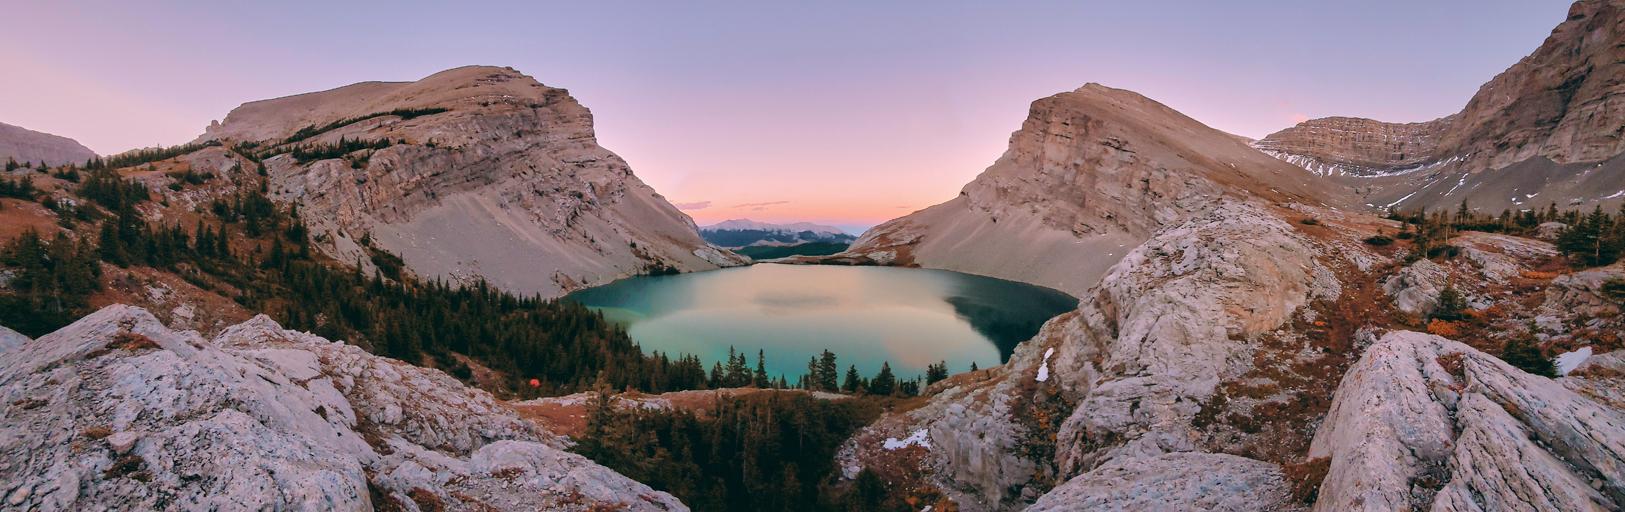 Panorama of Carnarvon lakes at sunset